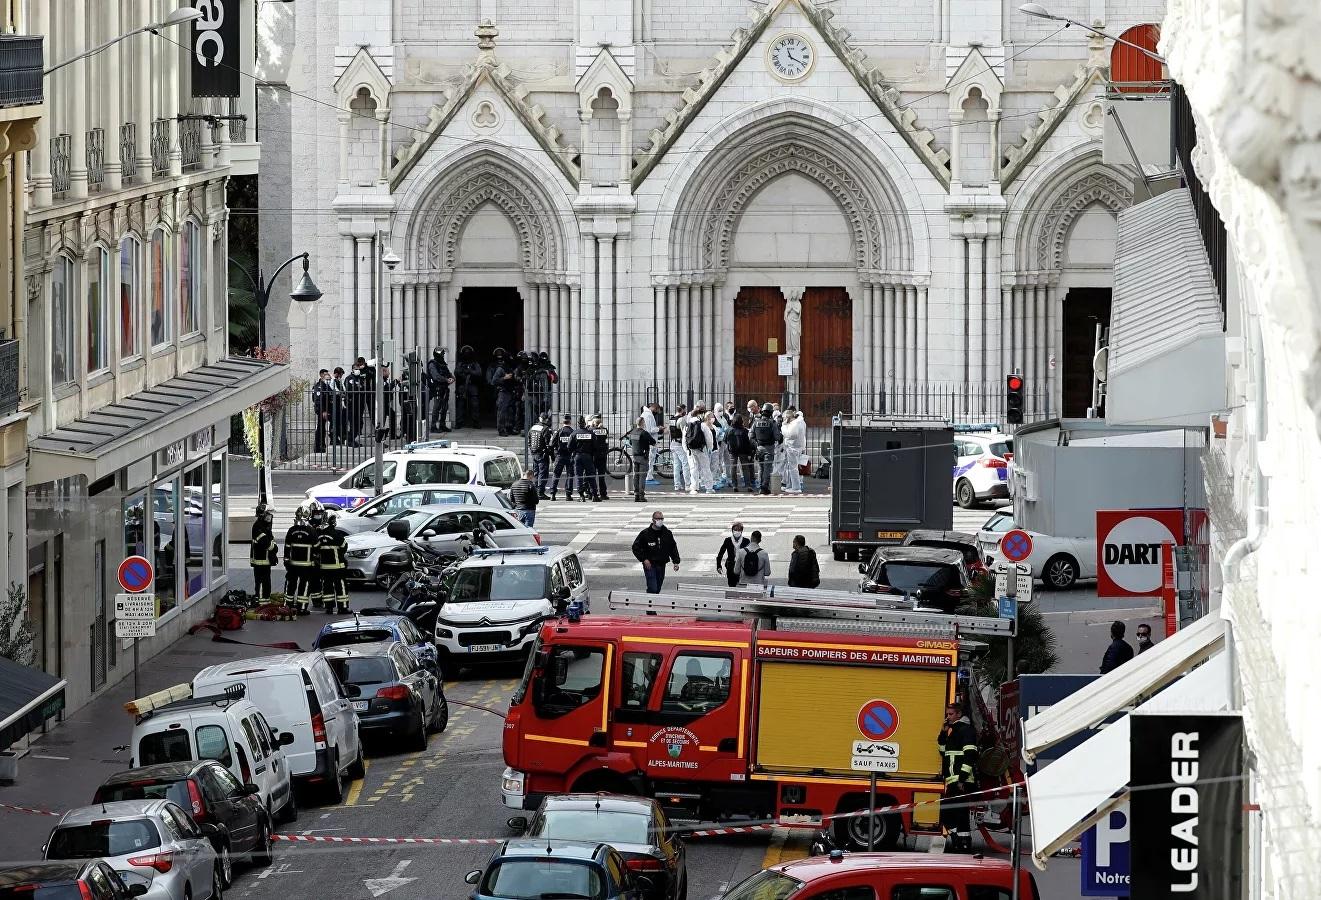 Hiện trường vụ tấn công bên ngoài nhà thờ Đức Bà ở Nice, Pháp.